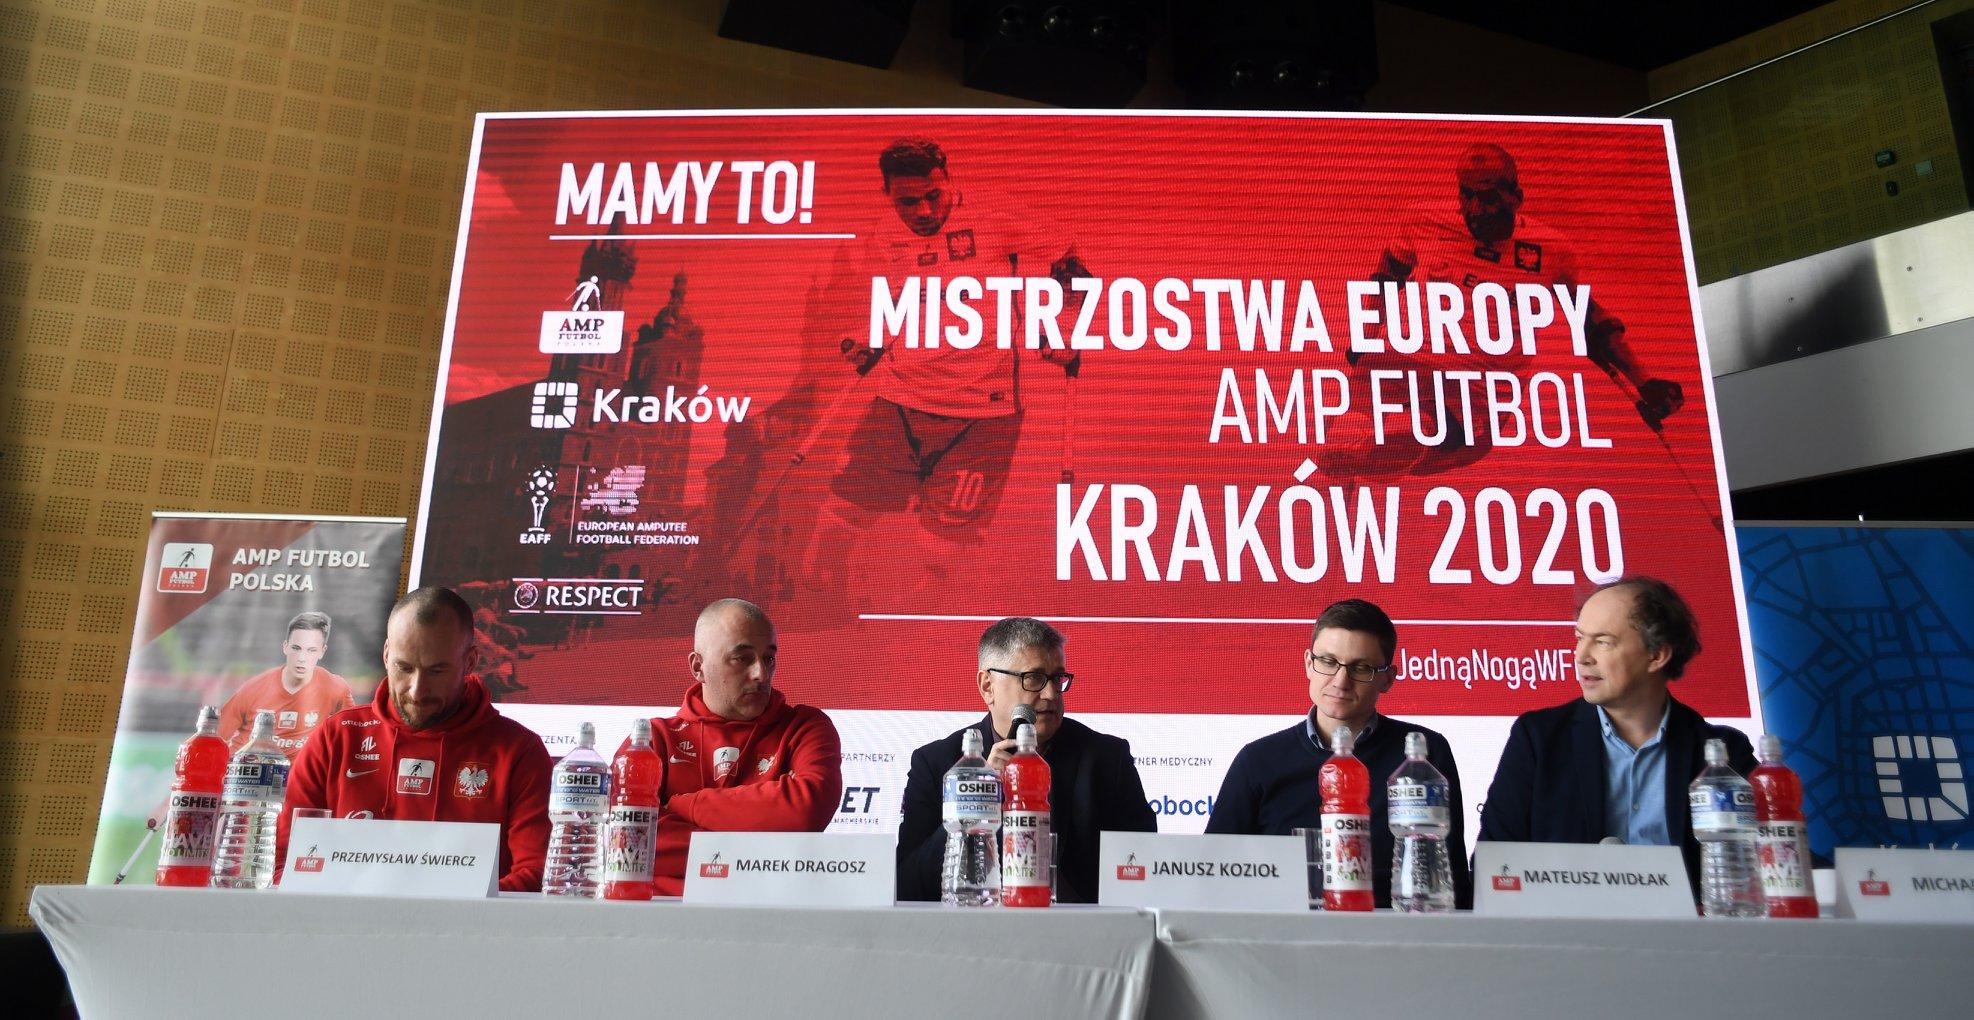 Kraków organizatorem ME w Amp Futbolu!